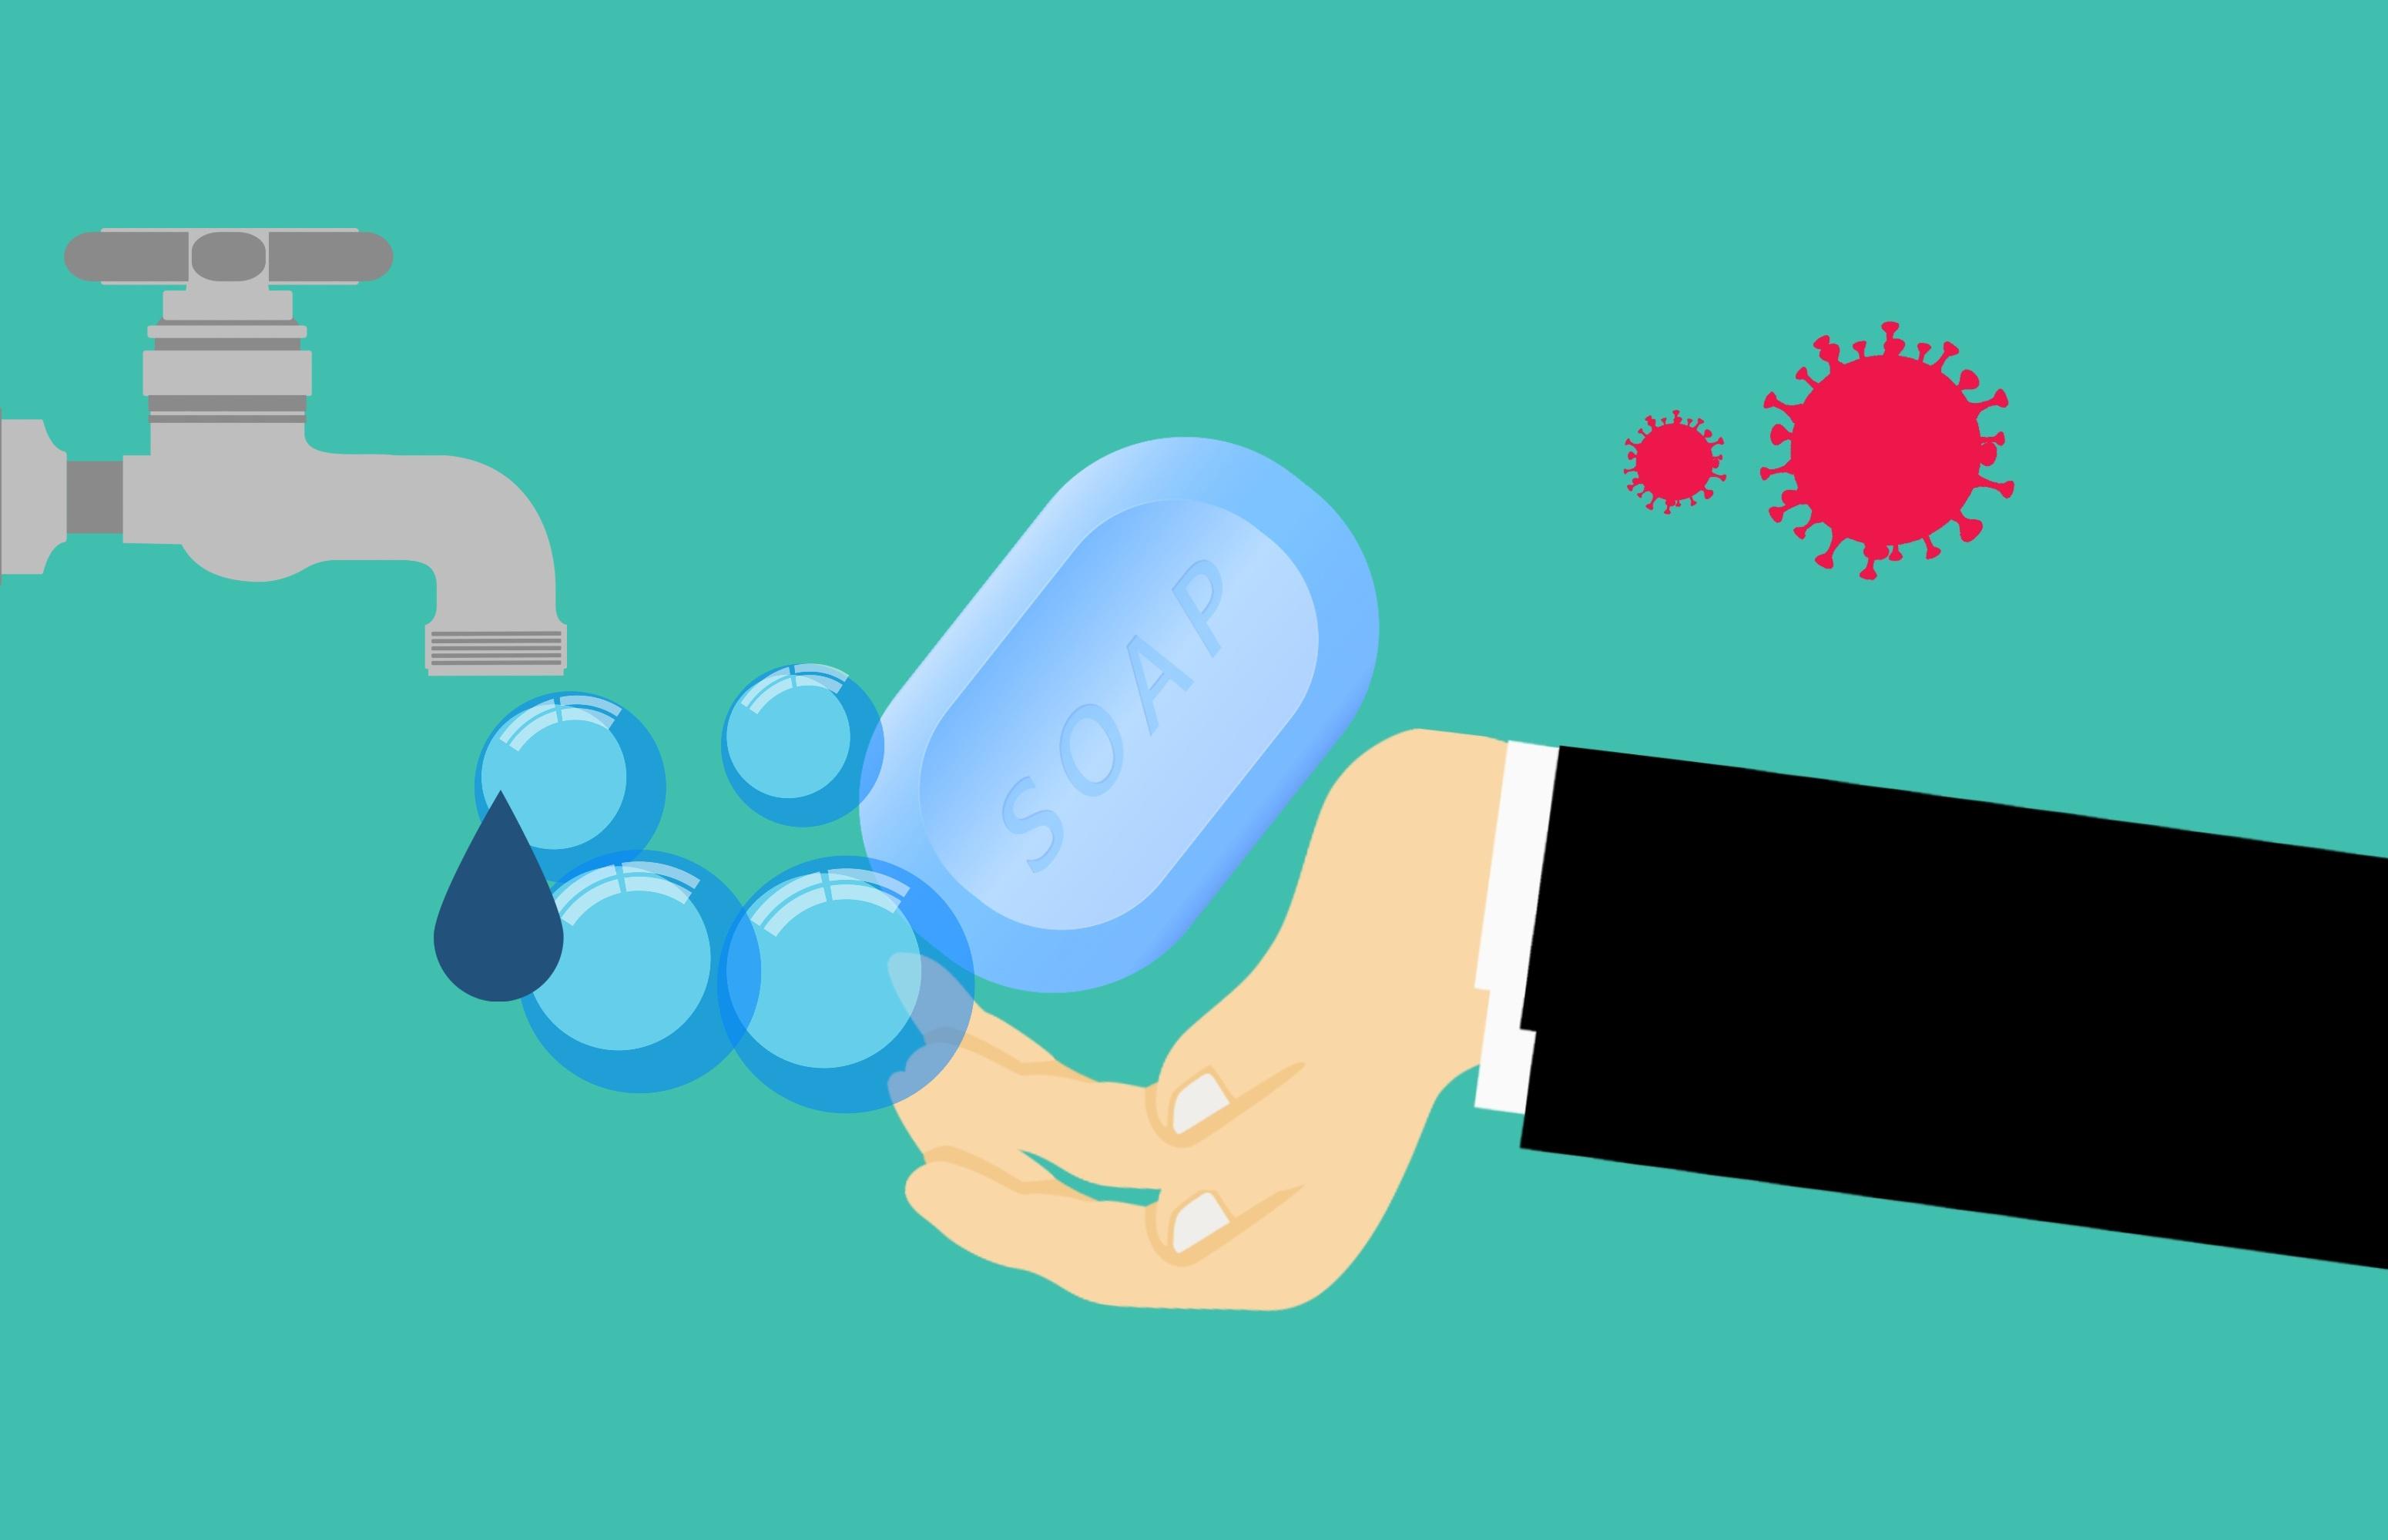 Обои для рабочего стола VIRUS WASH HANDS! coronavirus Мыло Кран водопроводный рука Вода Векторная графика Цветной фон Руки воде